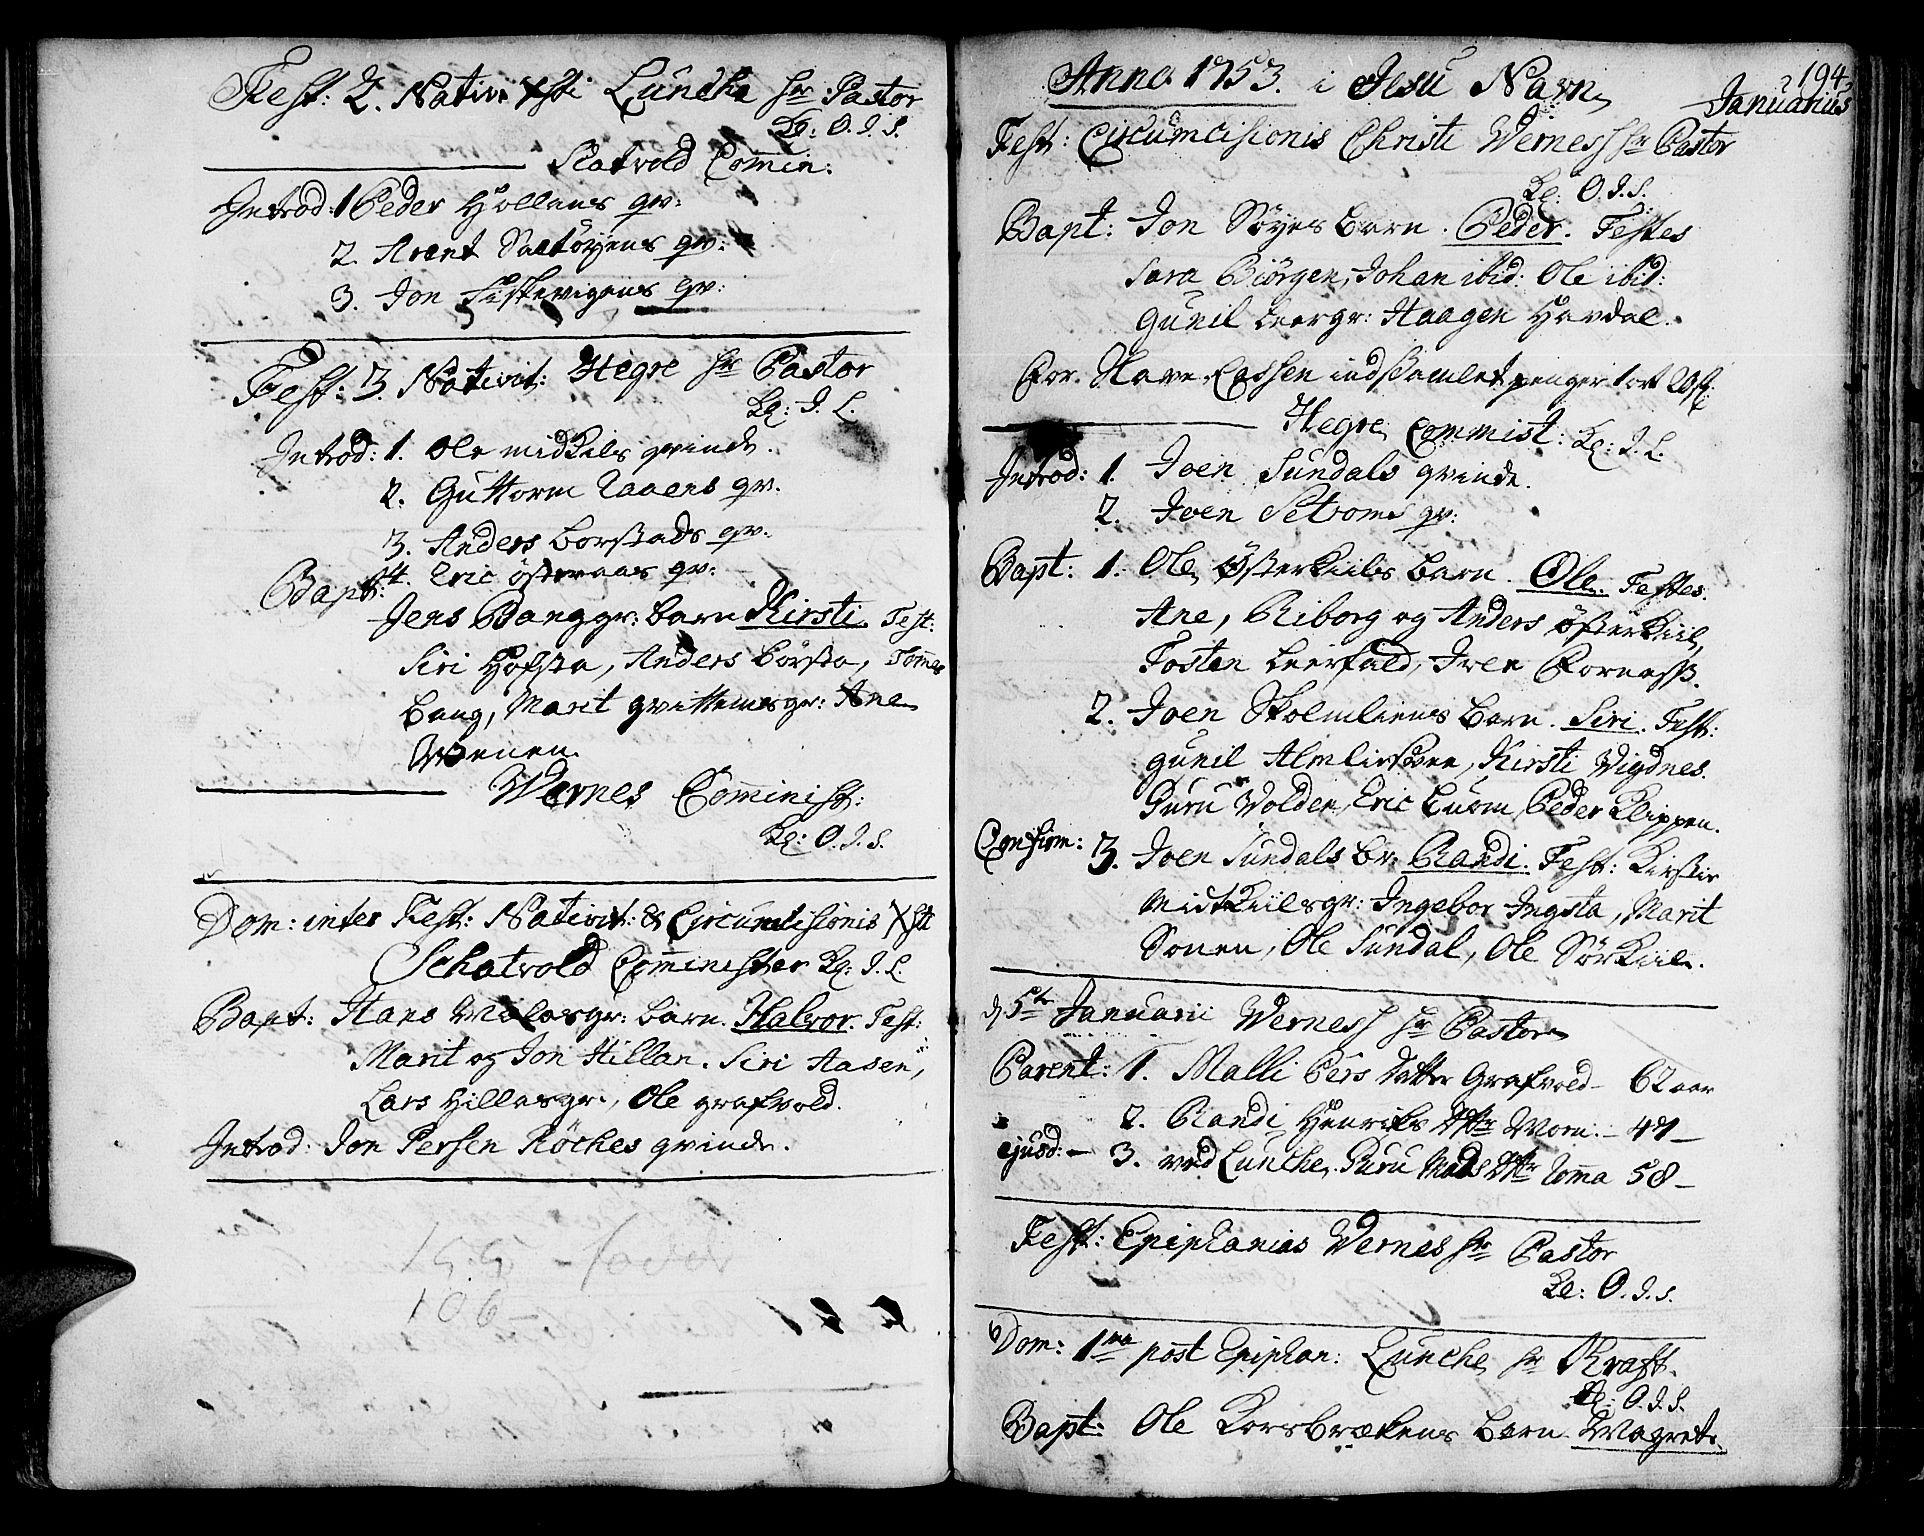 SAT, Ministerialprotokoller, klokkerbøker og fødselsregistre - Nord-Trøndelag, 709/L0056: Ministerialbok nr. 709A04, 1740-1756, s. 194